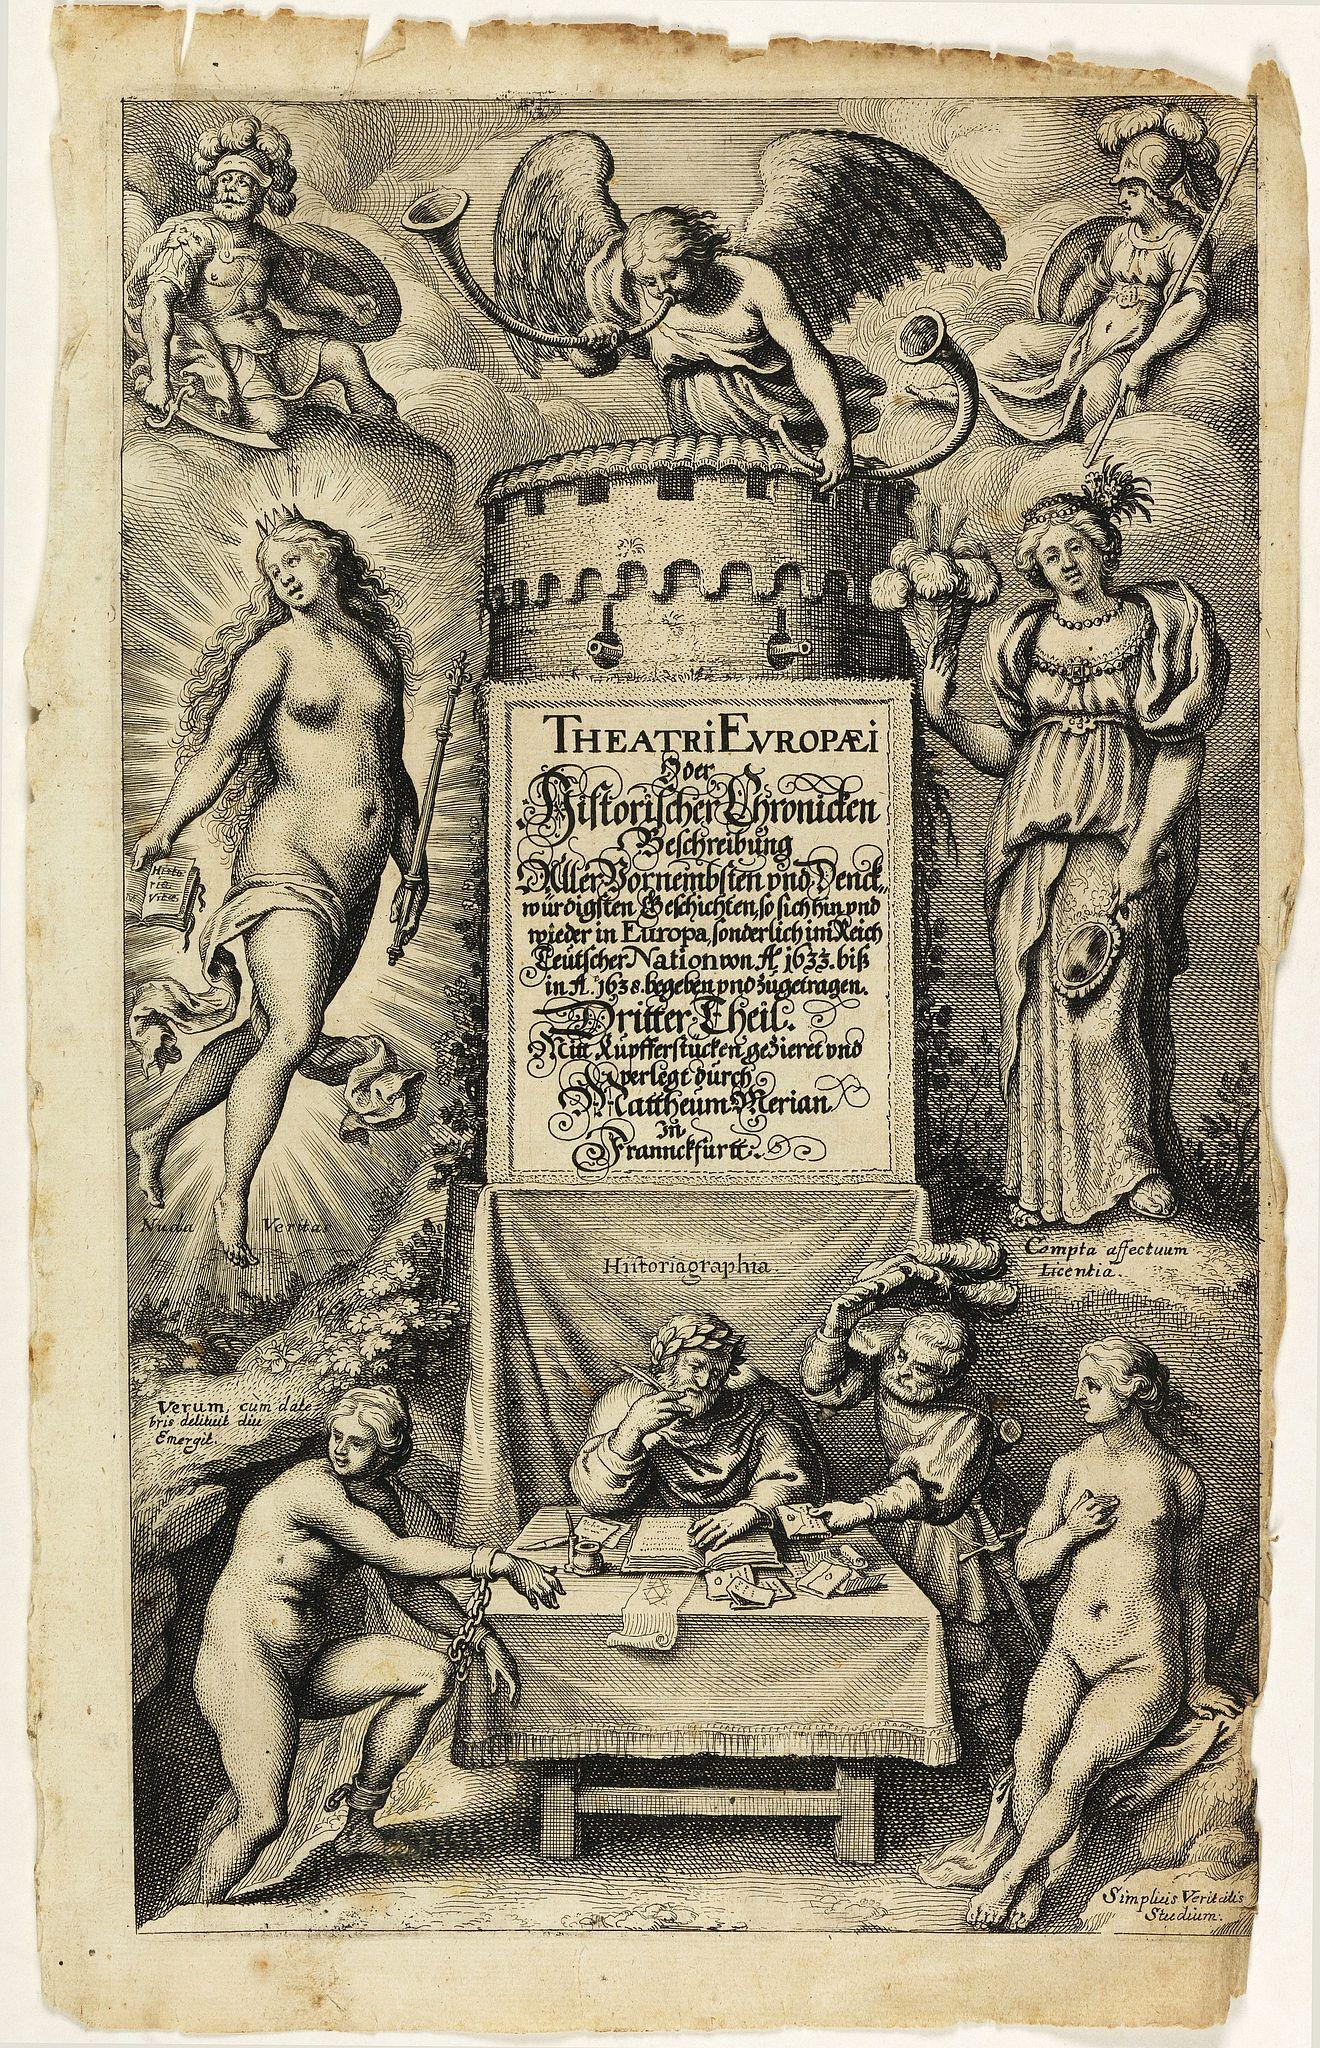 MERIAN, M. -  [Title page] Theatri Europaei, oder historischer chronicken Beschreibung . . .